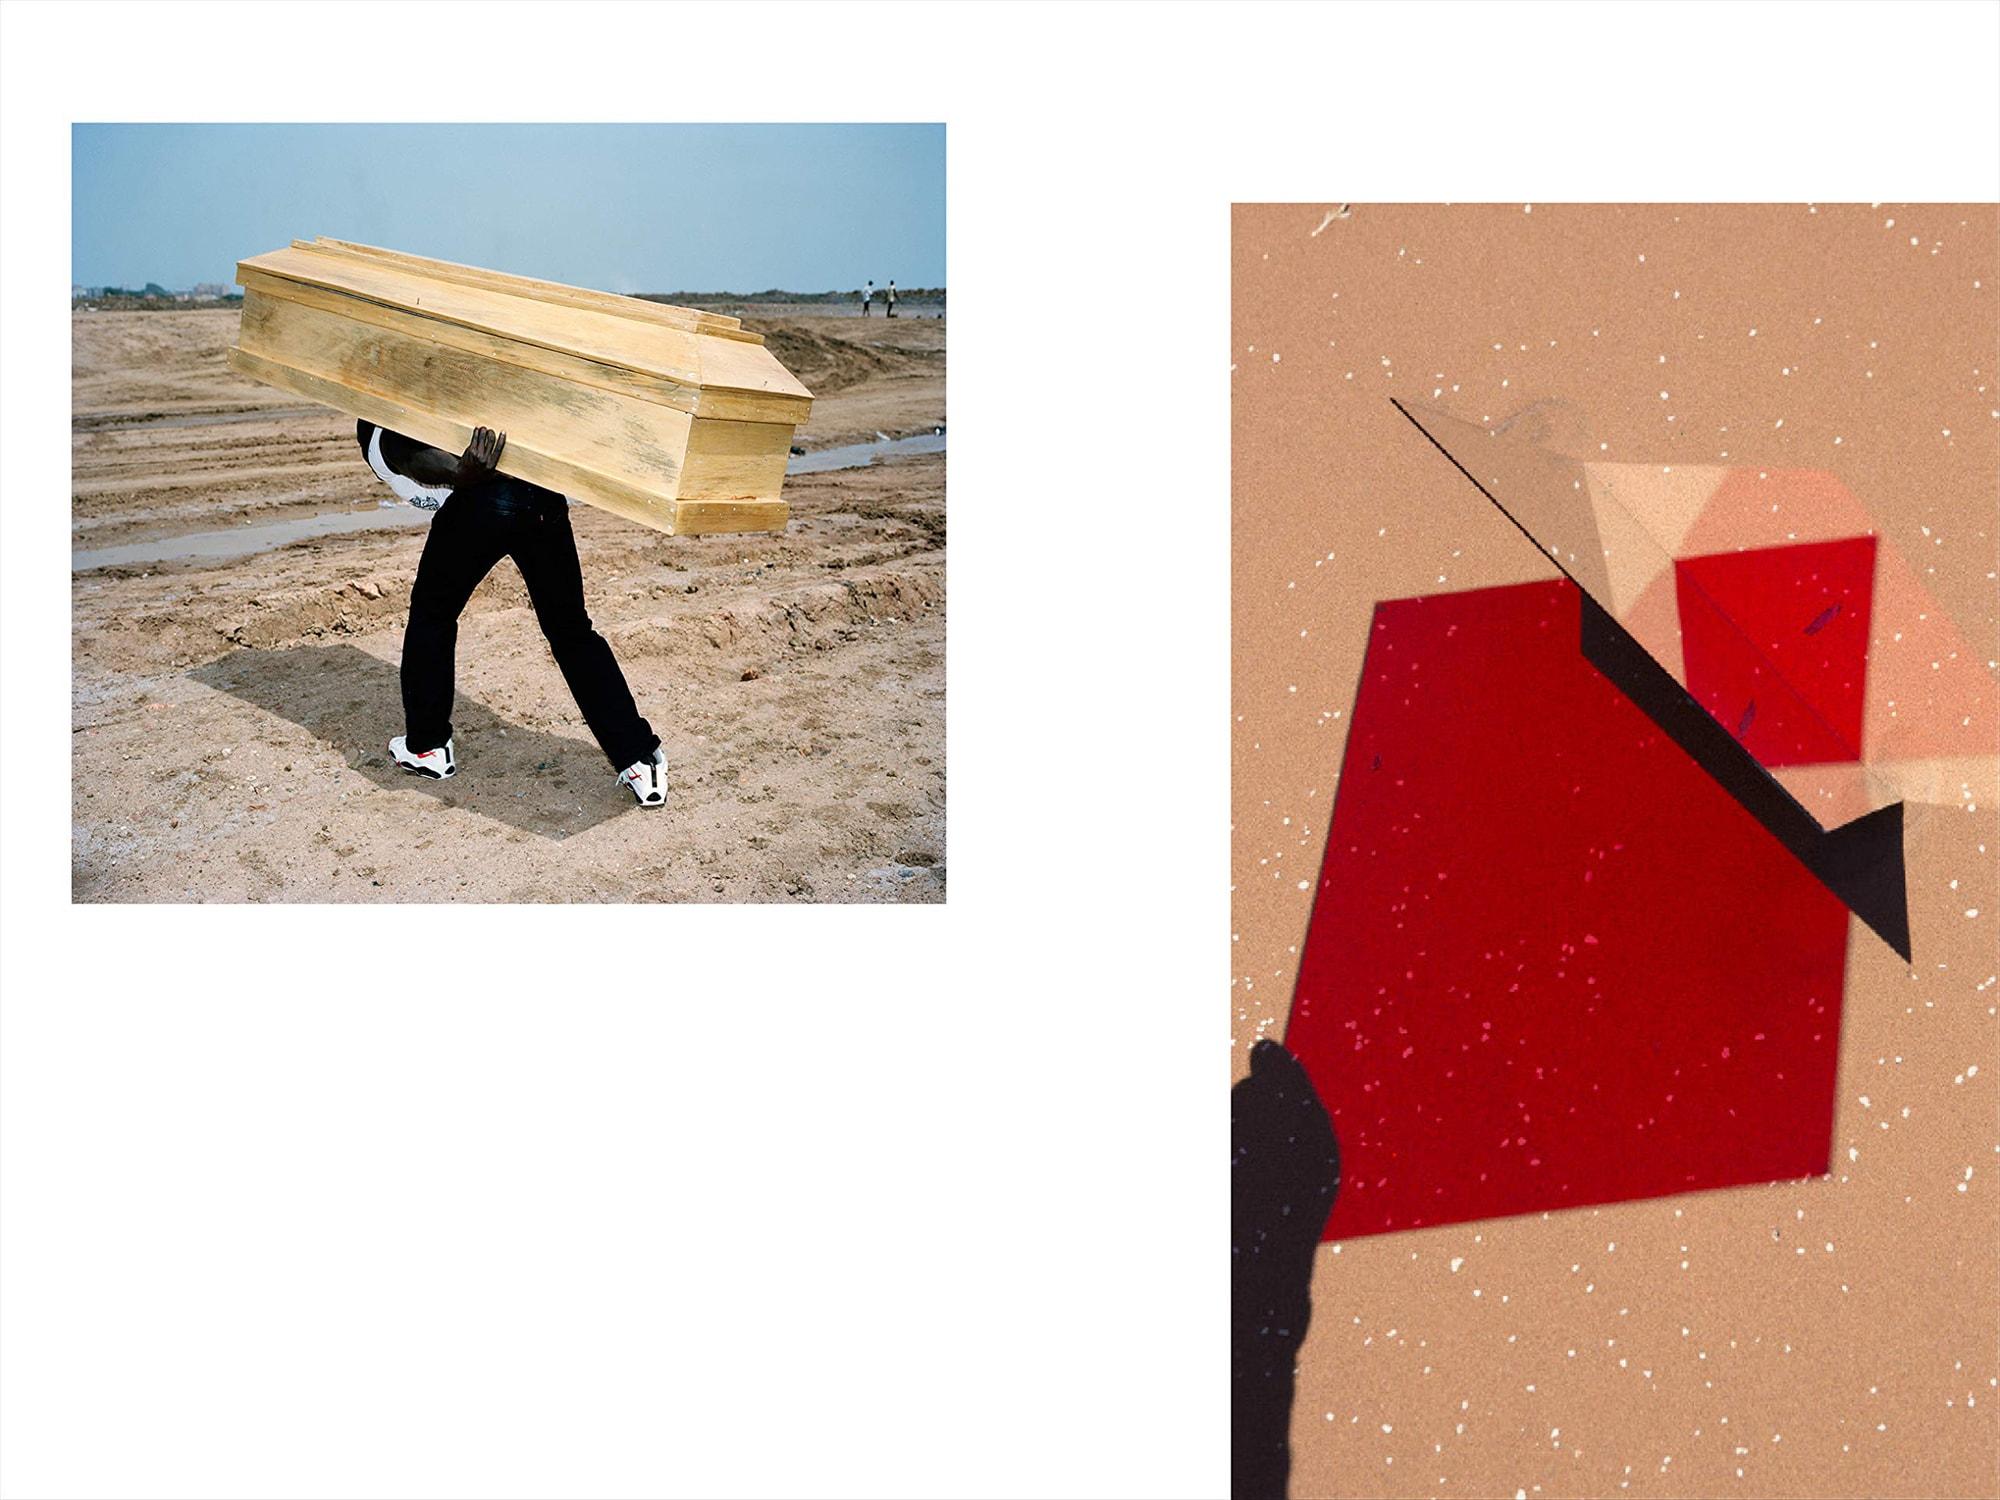 書店員がピックアップする9月のおすすめ写真集【Shelf編】 | ヴィヴィアン・サッセン『Hot Mirror』